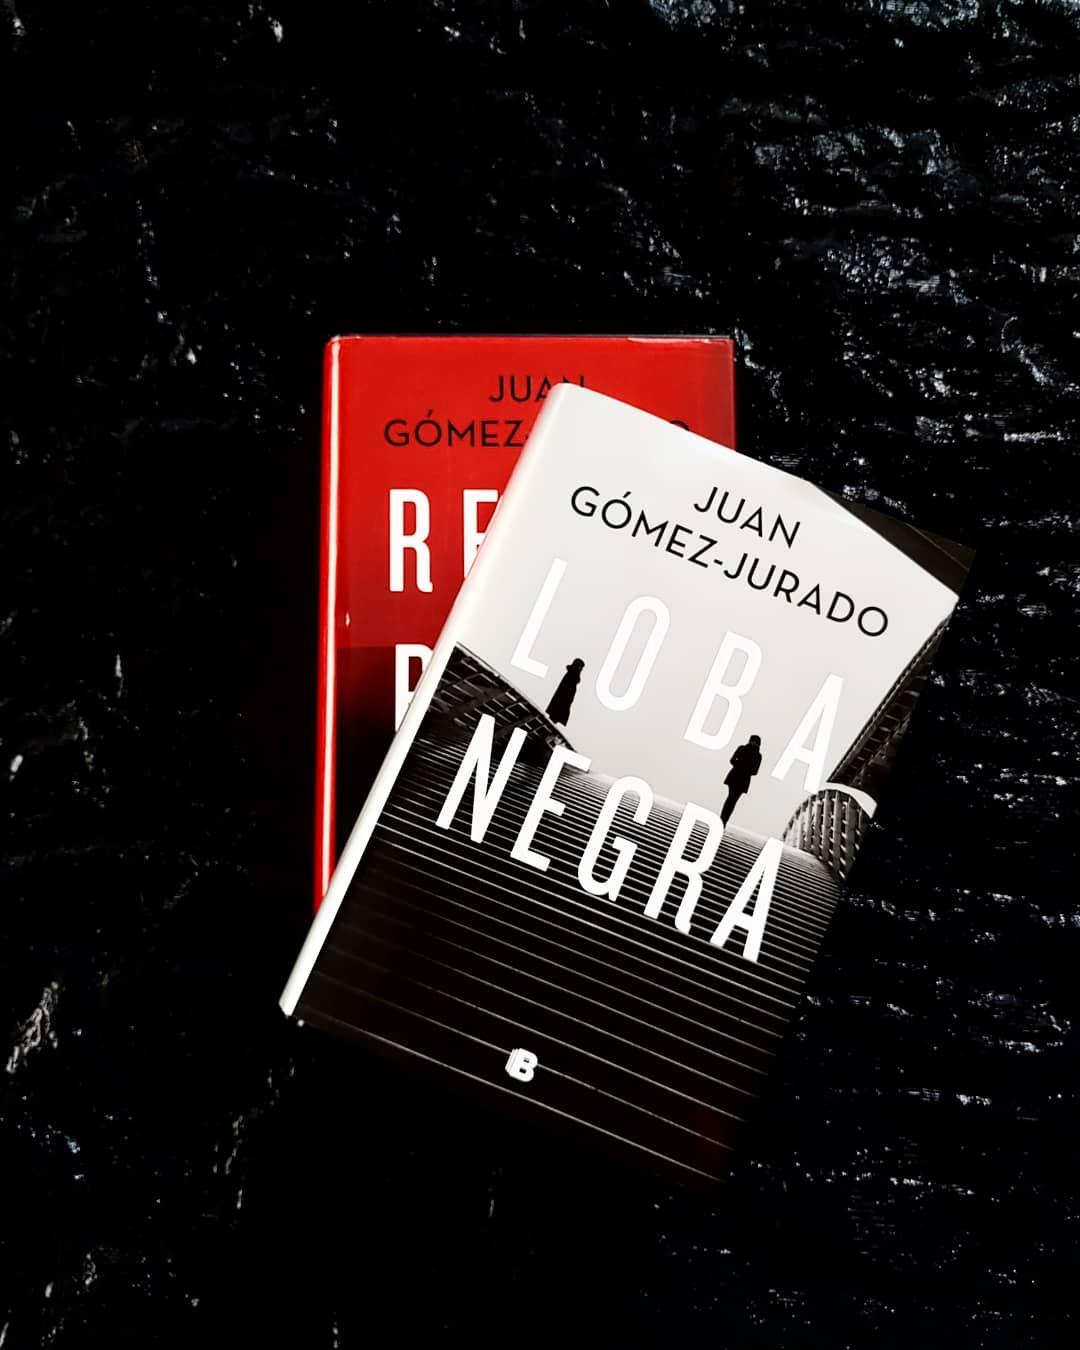 LOBA NEGRA de JUAN GÓMEZ JURADO.